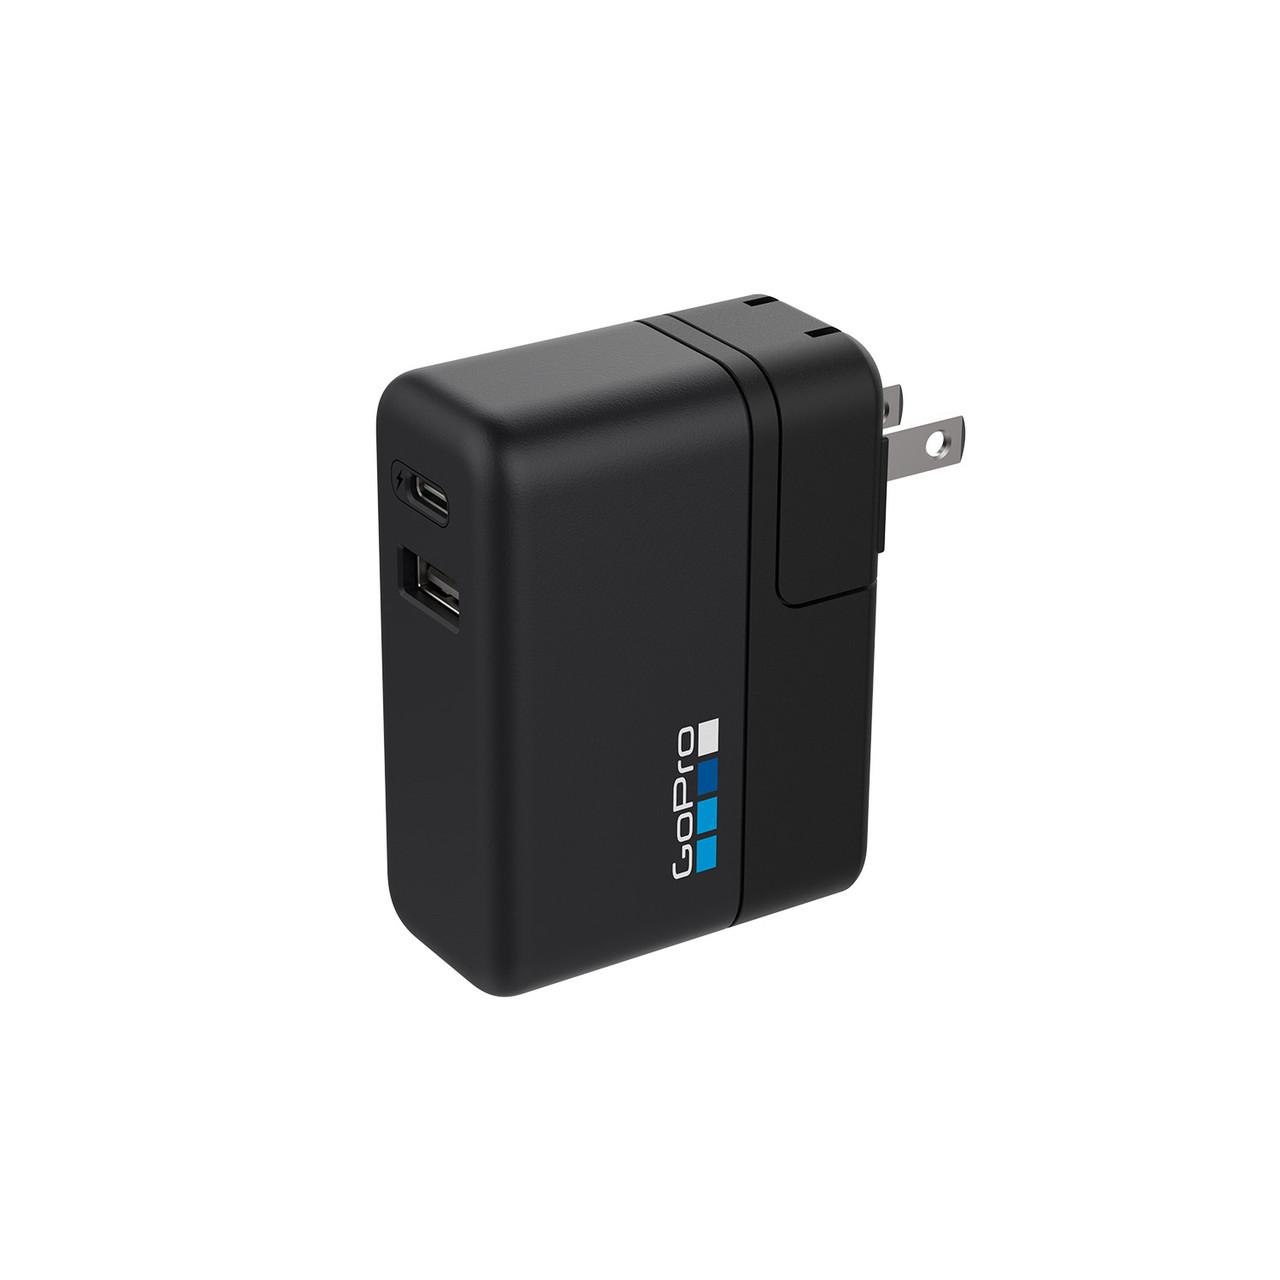 Зарядное устройство для GoPro Supercharger (оригинал)